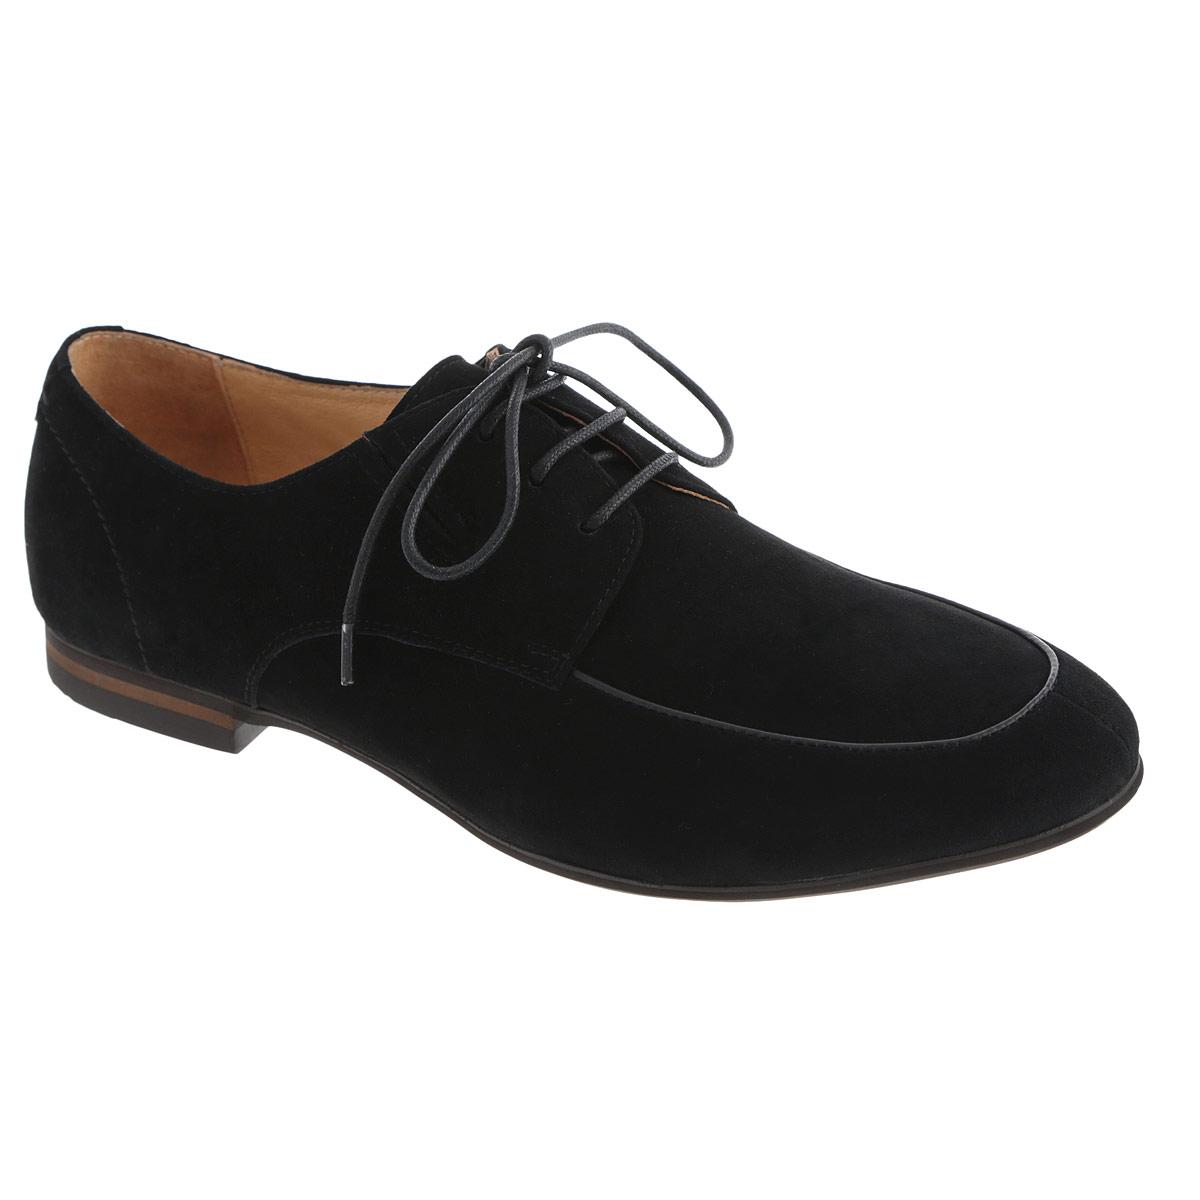 M13571Изысканные мужские туфли Vitacci отлично дополнят ваш деловой образ. Модель выполнена из натуральной замши и оформлена крупными декоративными стежками на заднике. Шнуровка надежно закрепит модель на ноге. Резинки, расположенные на подъеме, гарантируют оптимальную посадку модели на ноге. Стелька из натуральной кожи комфортна при движении. Низкий каблук и подошва с рифлением обеспечивают отличное сцепление с поверхностью. Стильные туфли займут достойное место среди вашей коллекции обуви.